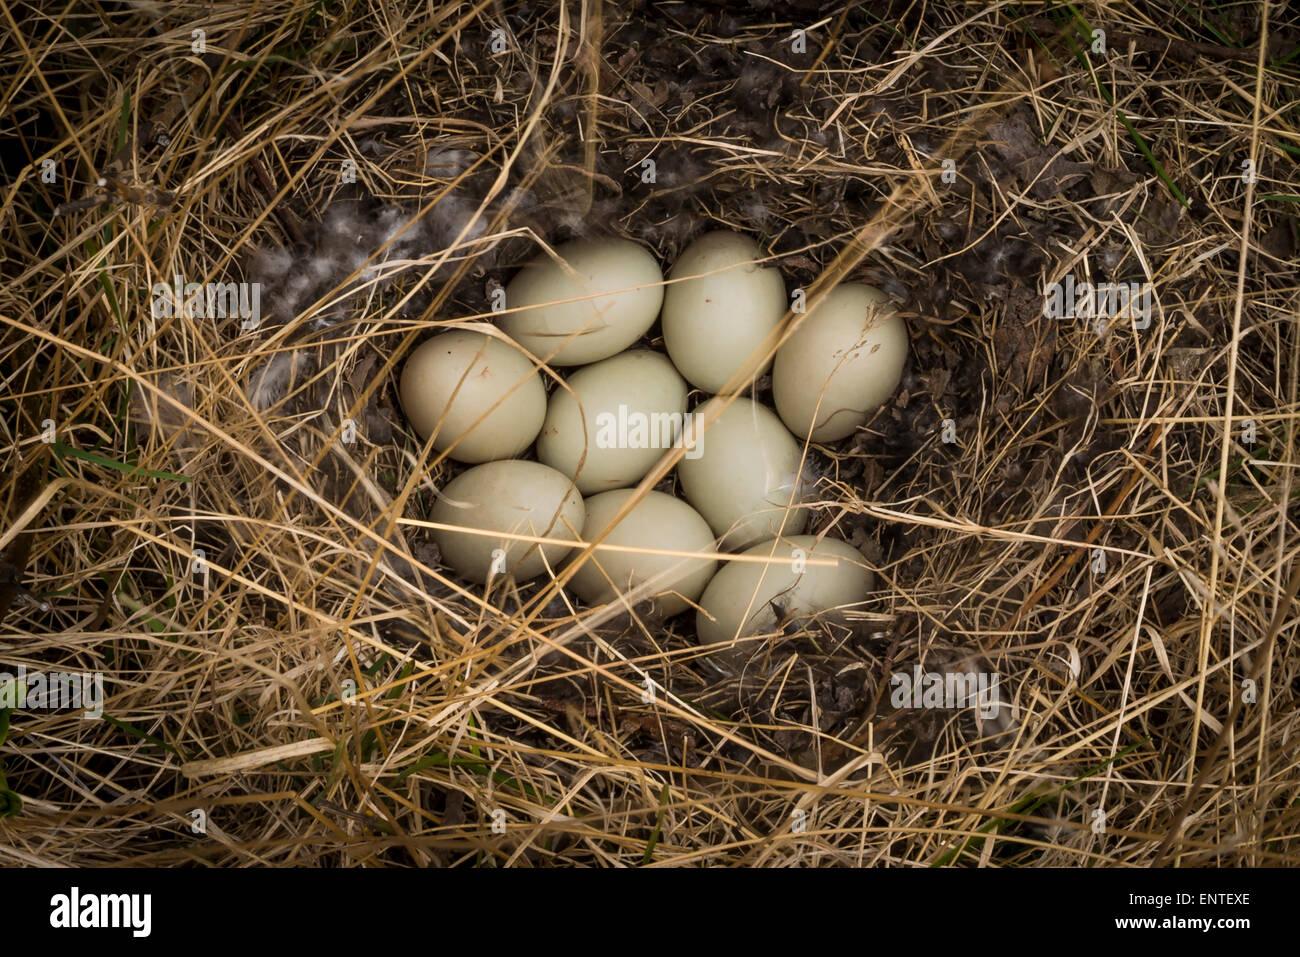 Nest full of duck eggs - Stock Image